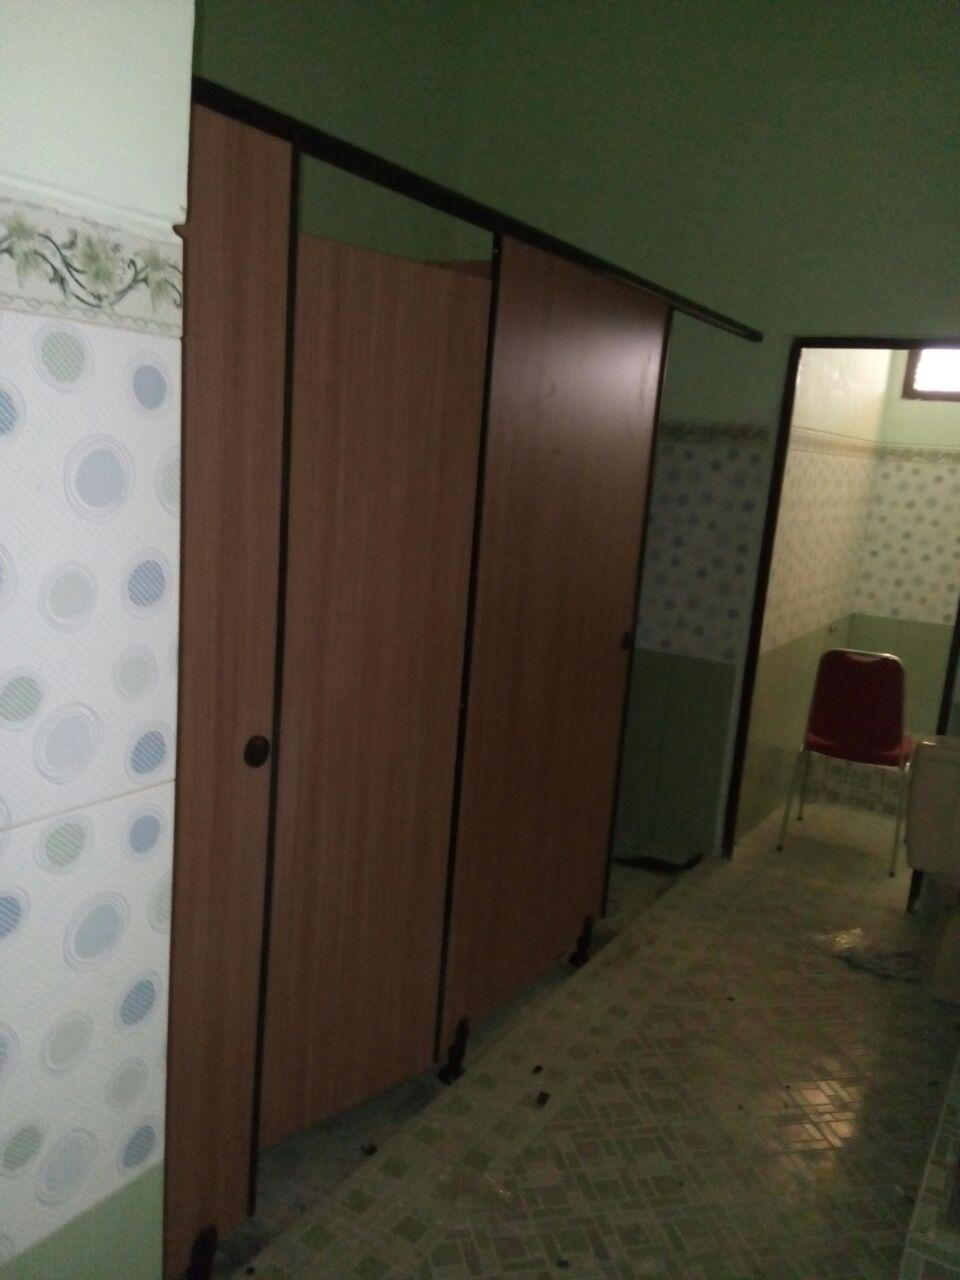 ToiletcubiclepenolicboardPVC board4